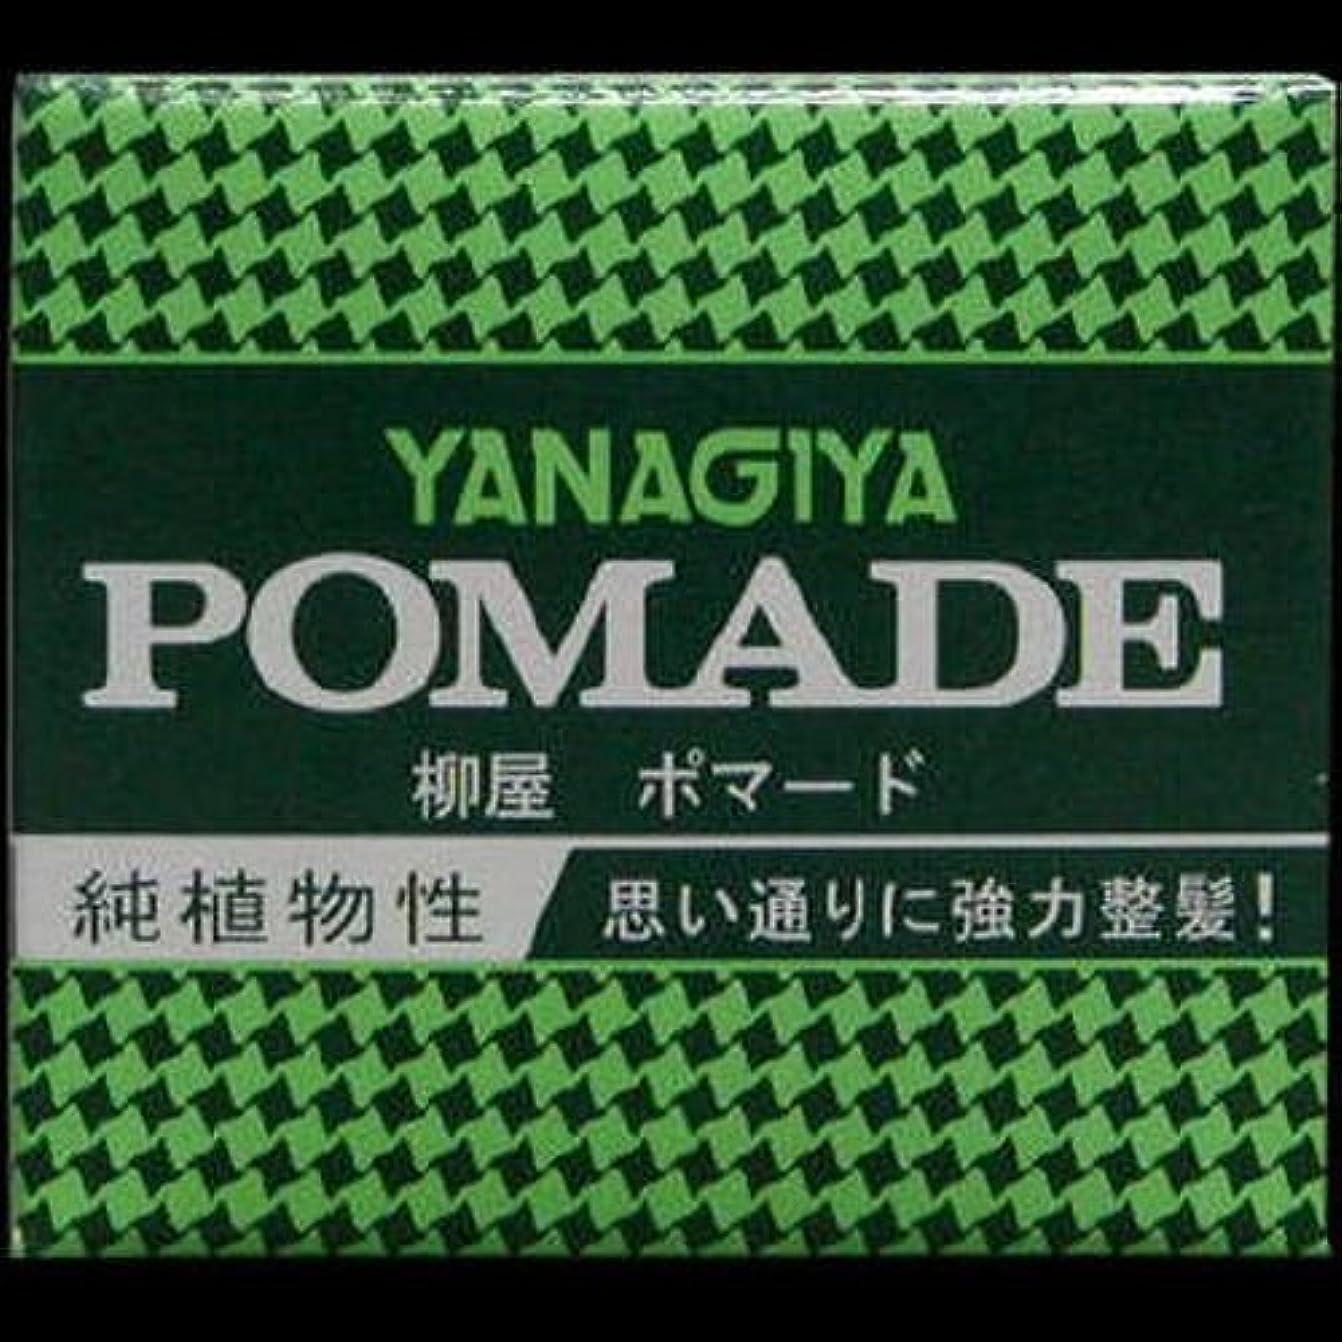 グリーンランド寝てる促進する【まとめ買い】柳屋 ポマード小 63g ×2セット